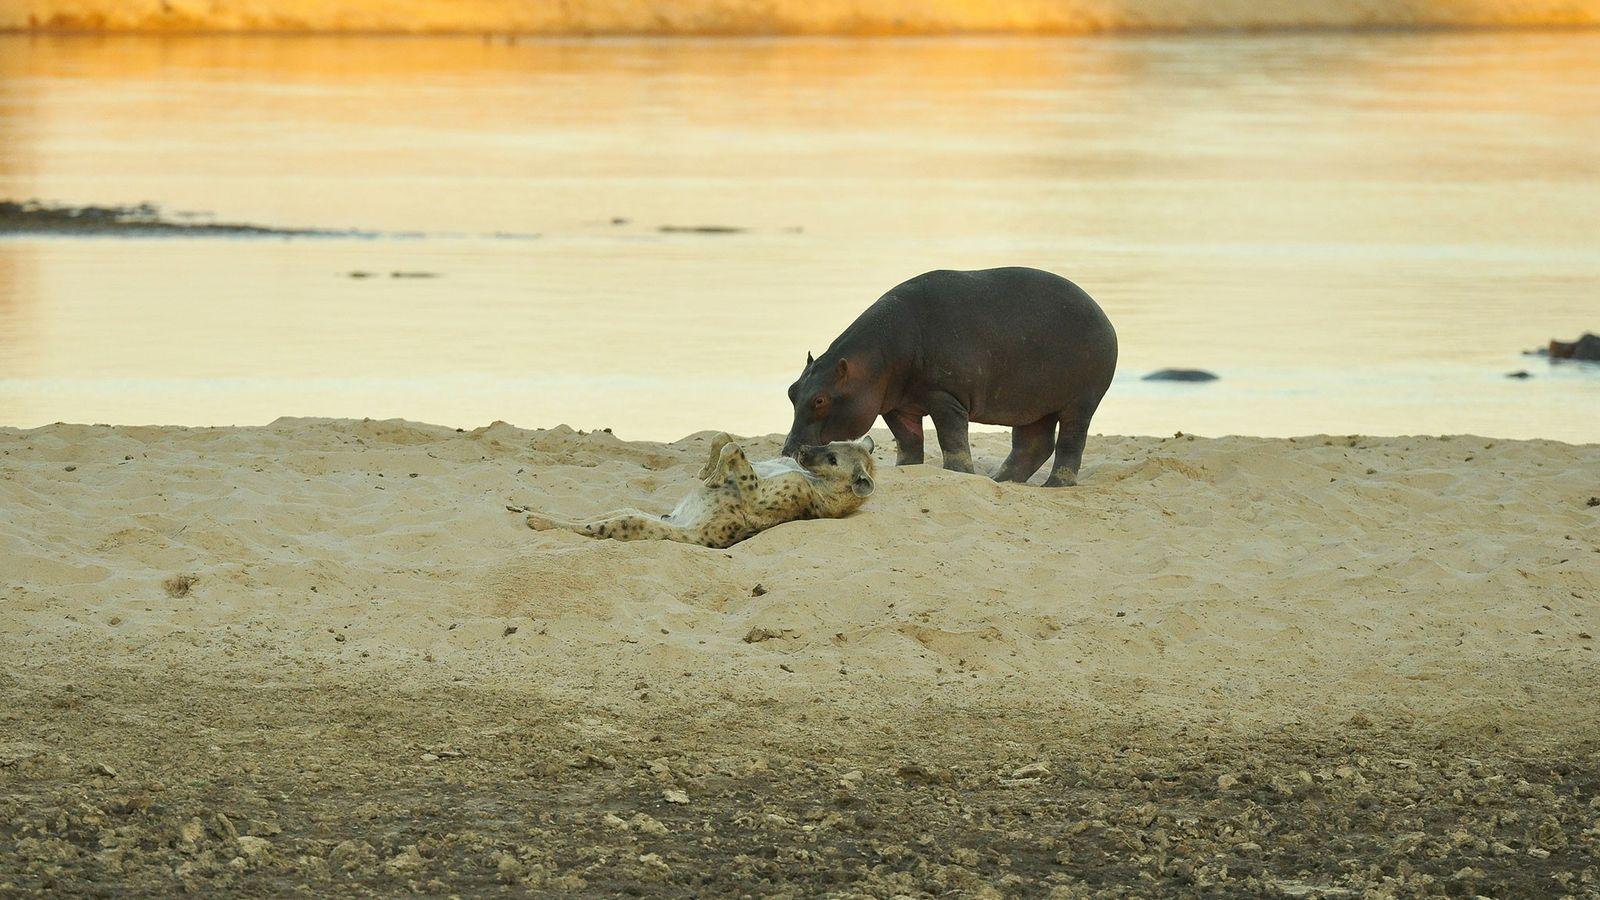 Une hyène tachetée fait des roulades à côté d'un hippopotame sur les berges de la rivière ...